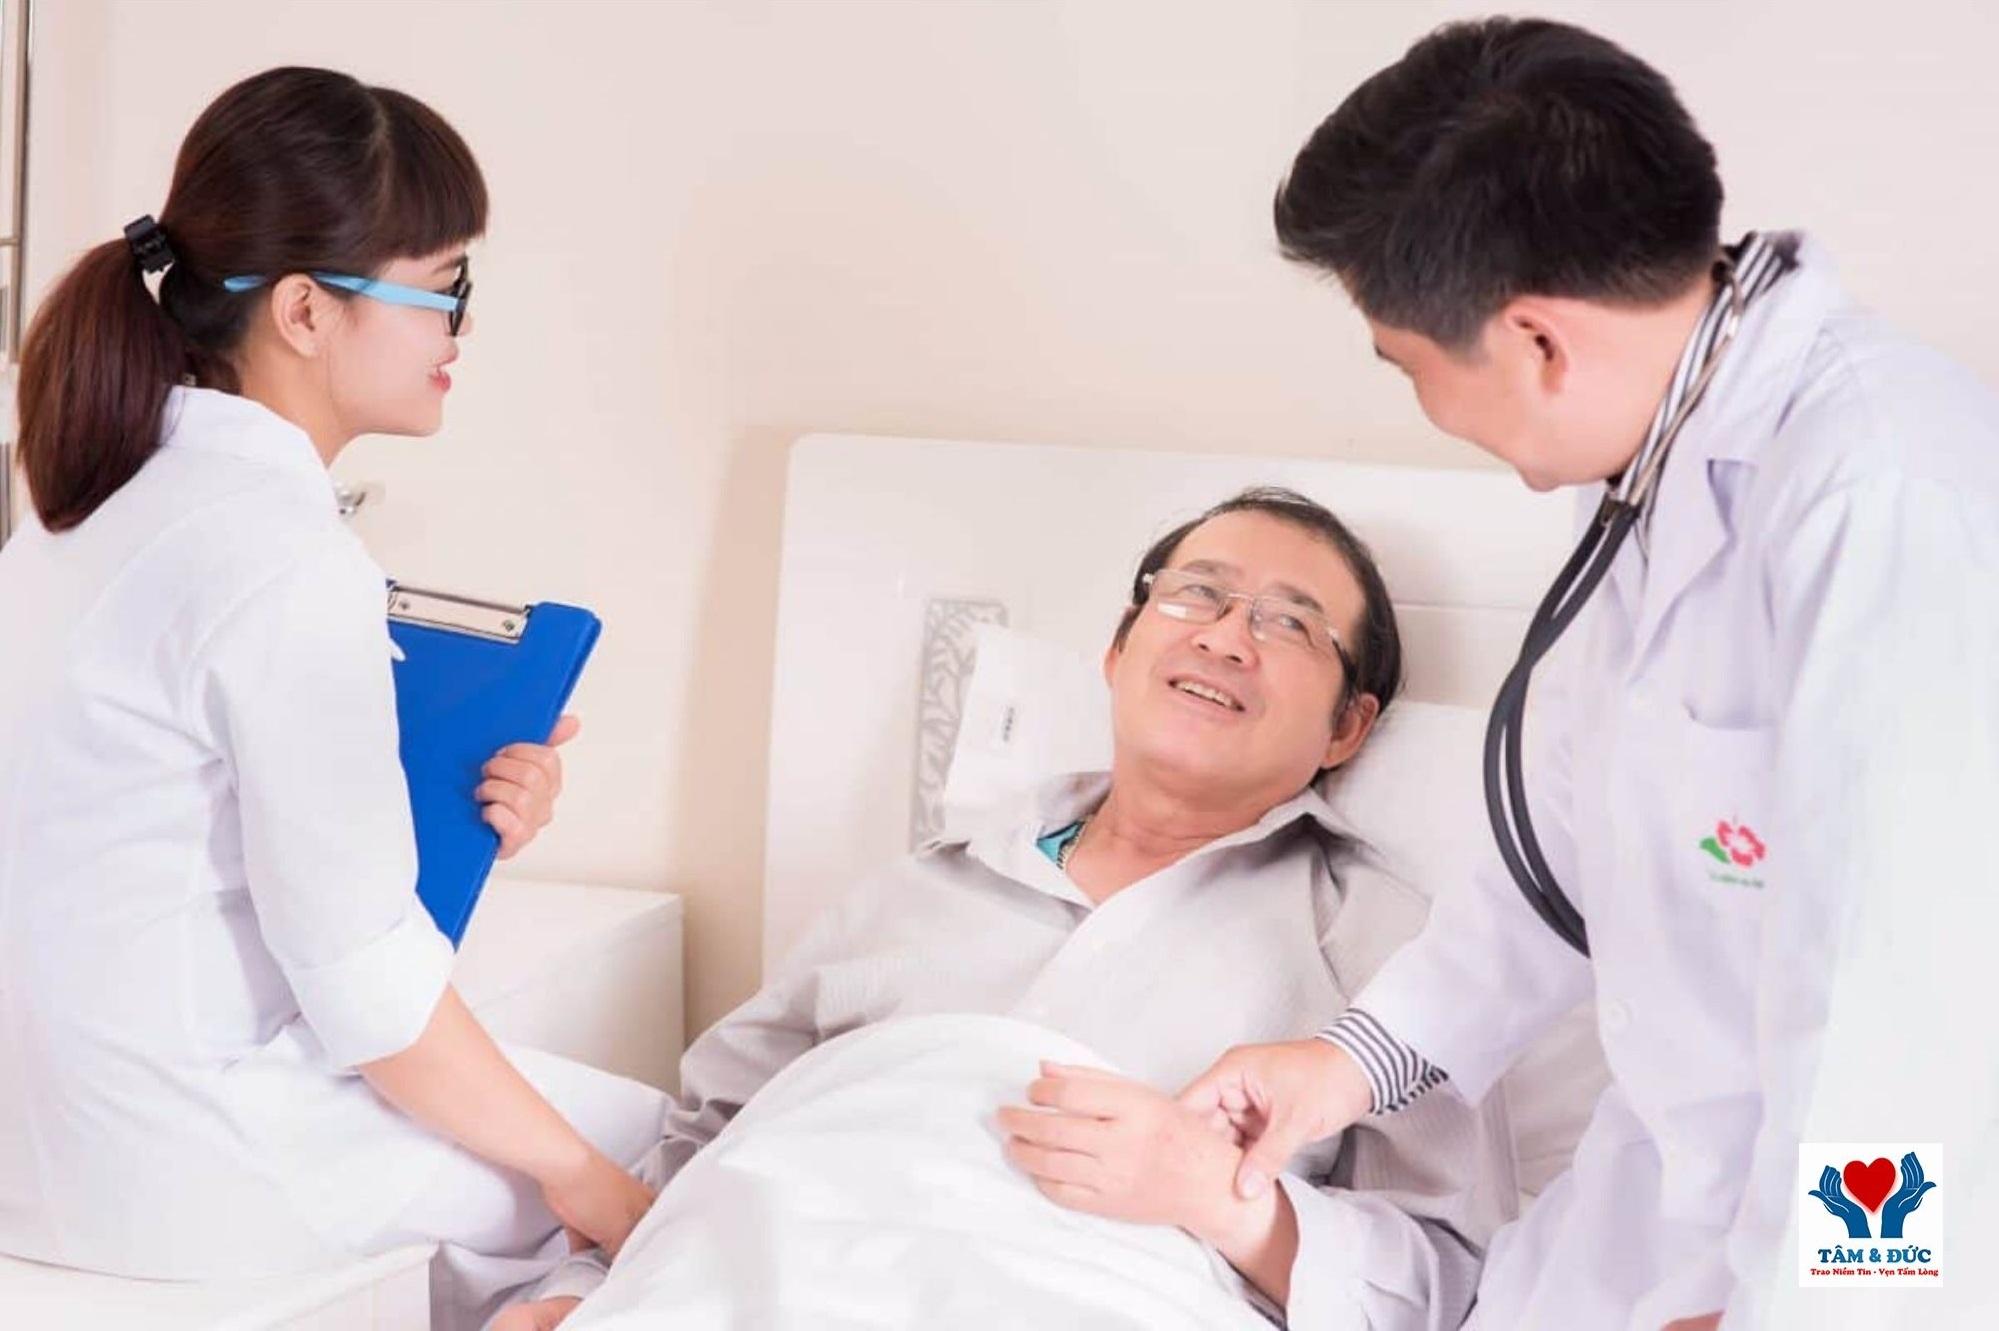 Hướng Dẫn Cách Chăm Sóc Bệnh Nhân Viêm Phổi